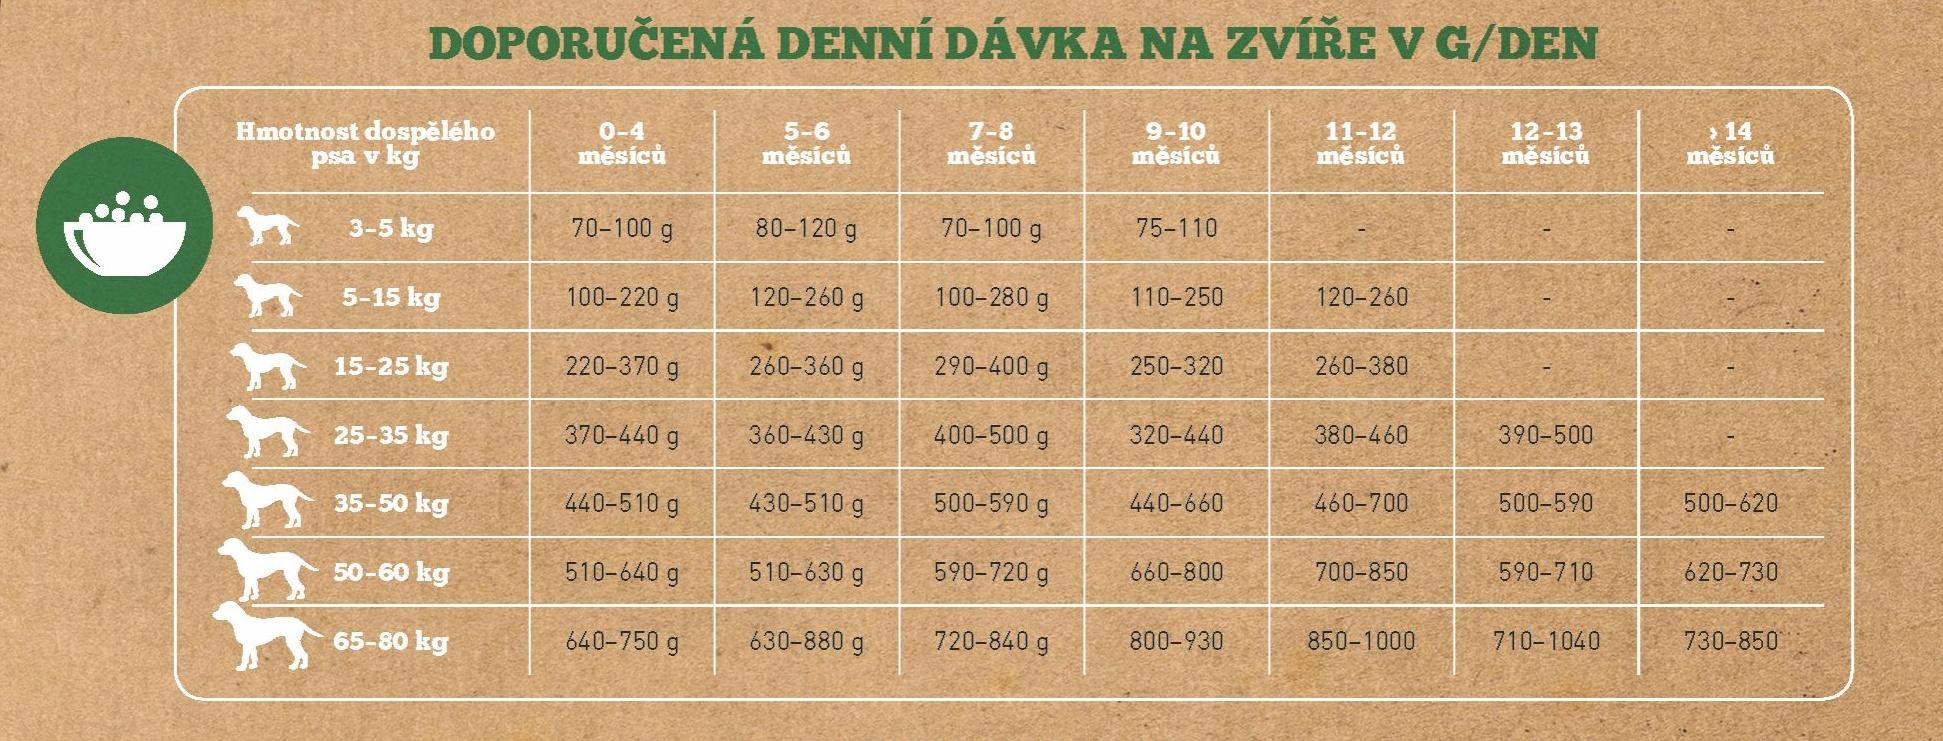 Puppy_tabulka_davkovani